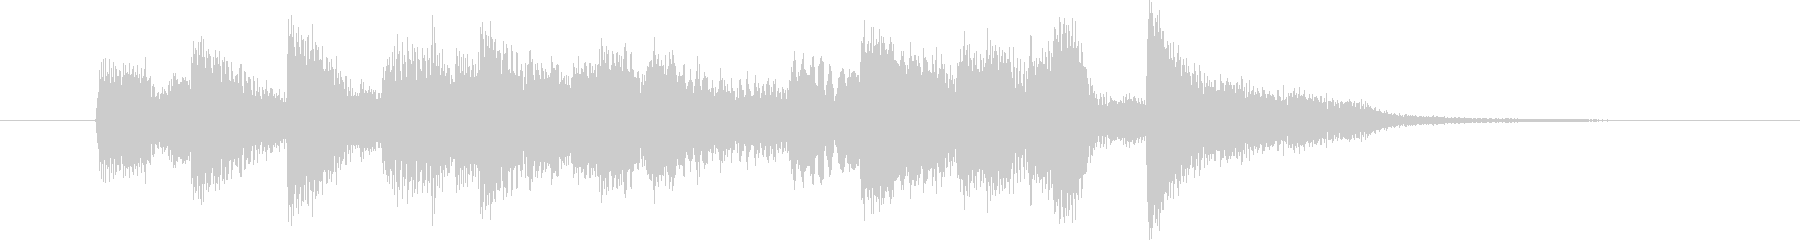 激しいフレーズのピアノソロの未再生の波形